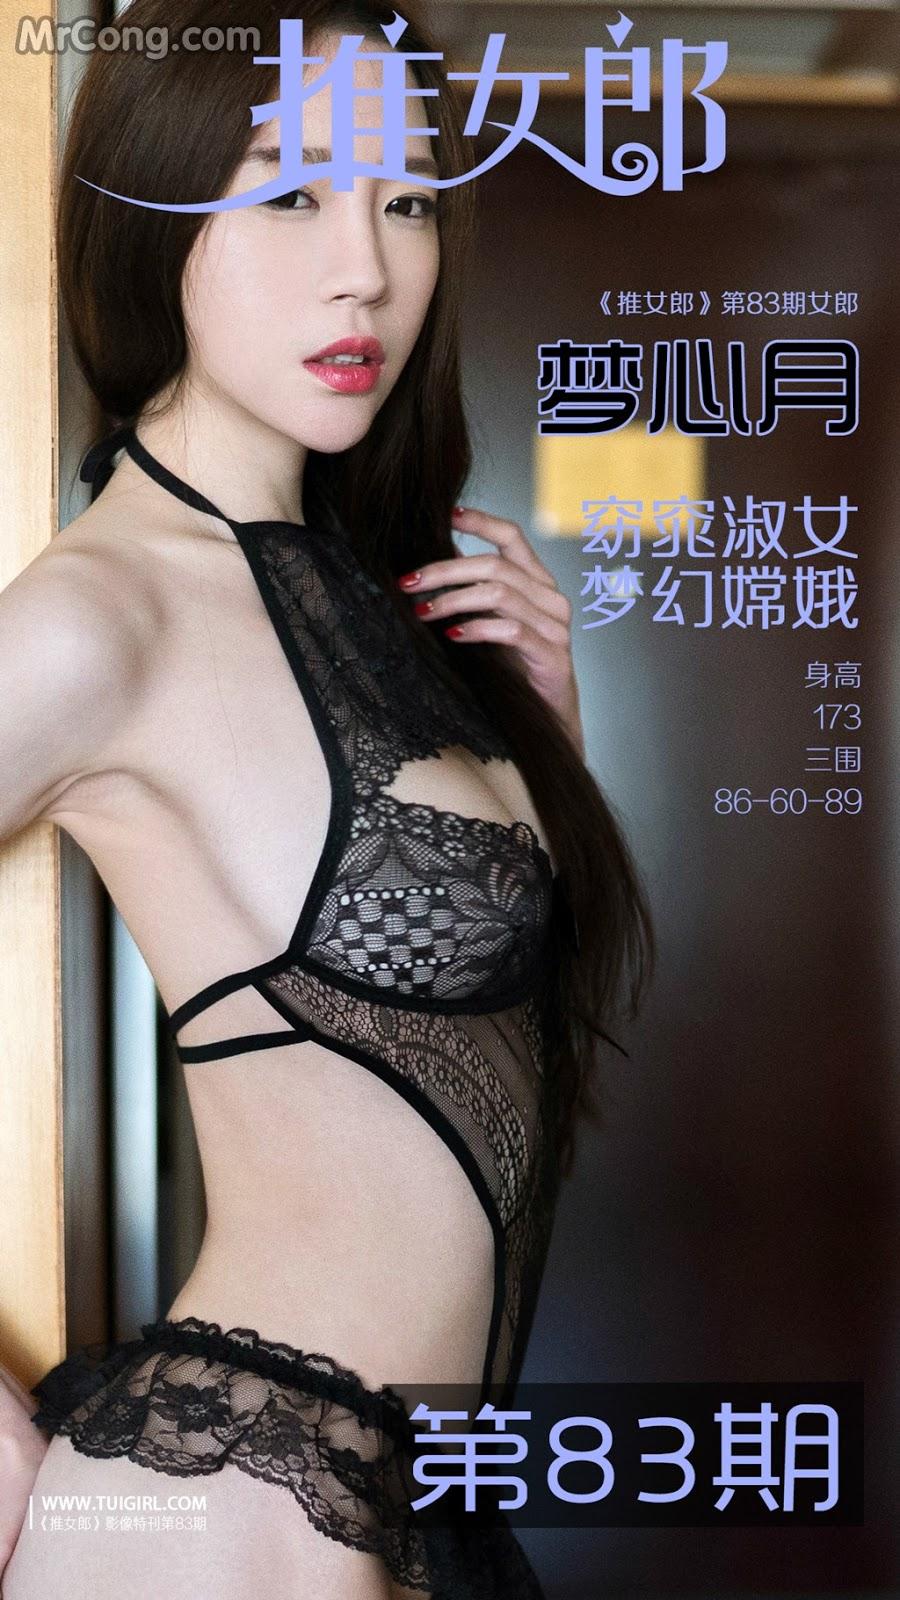 TuiGirl No.083: Người mẫu Meng Xin Yue (梦心玥) (32 ảnh + 2 PDF)